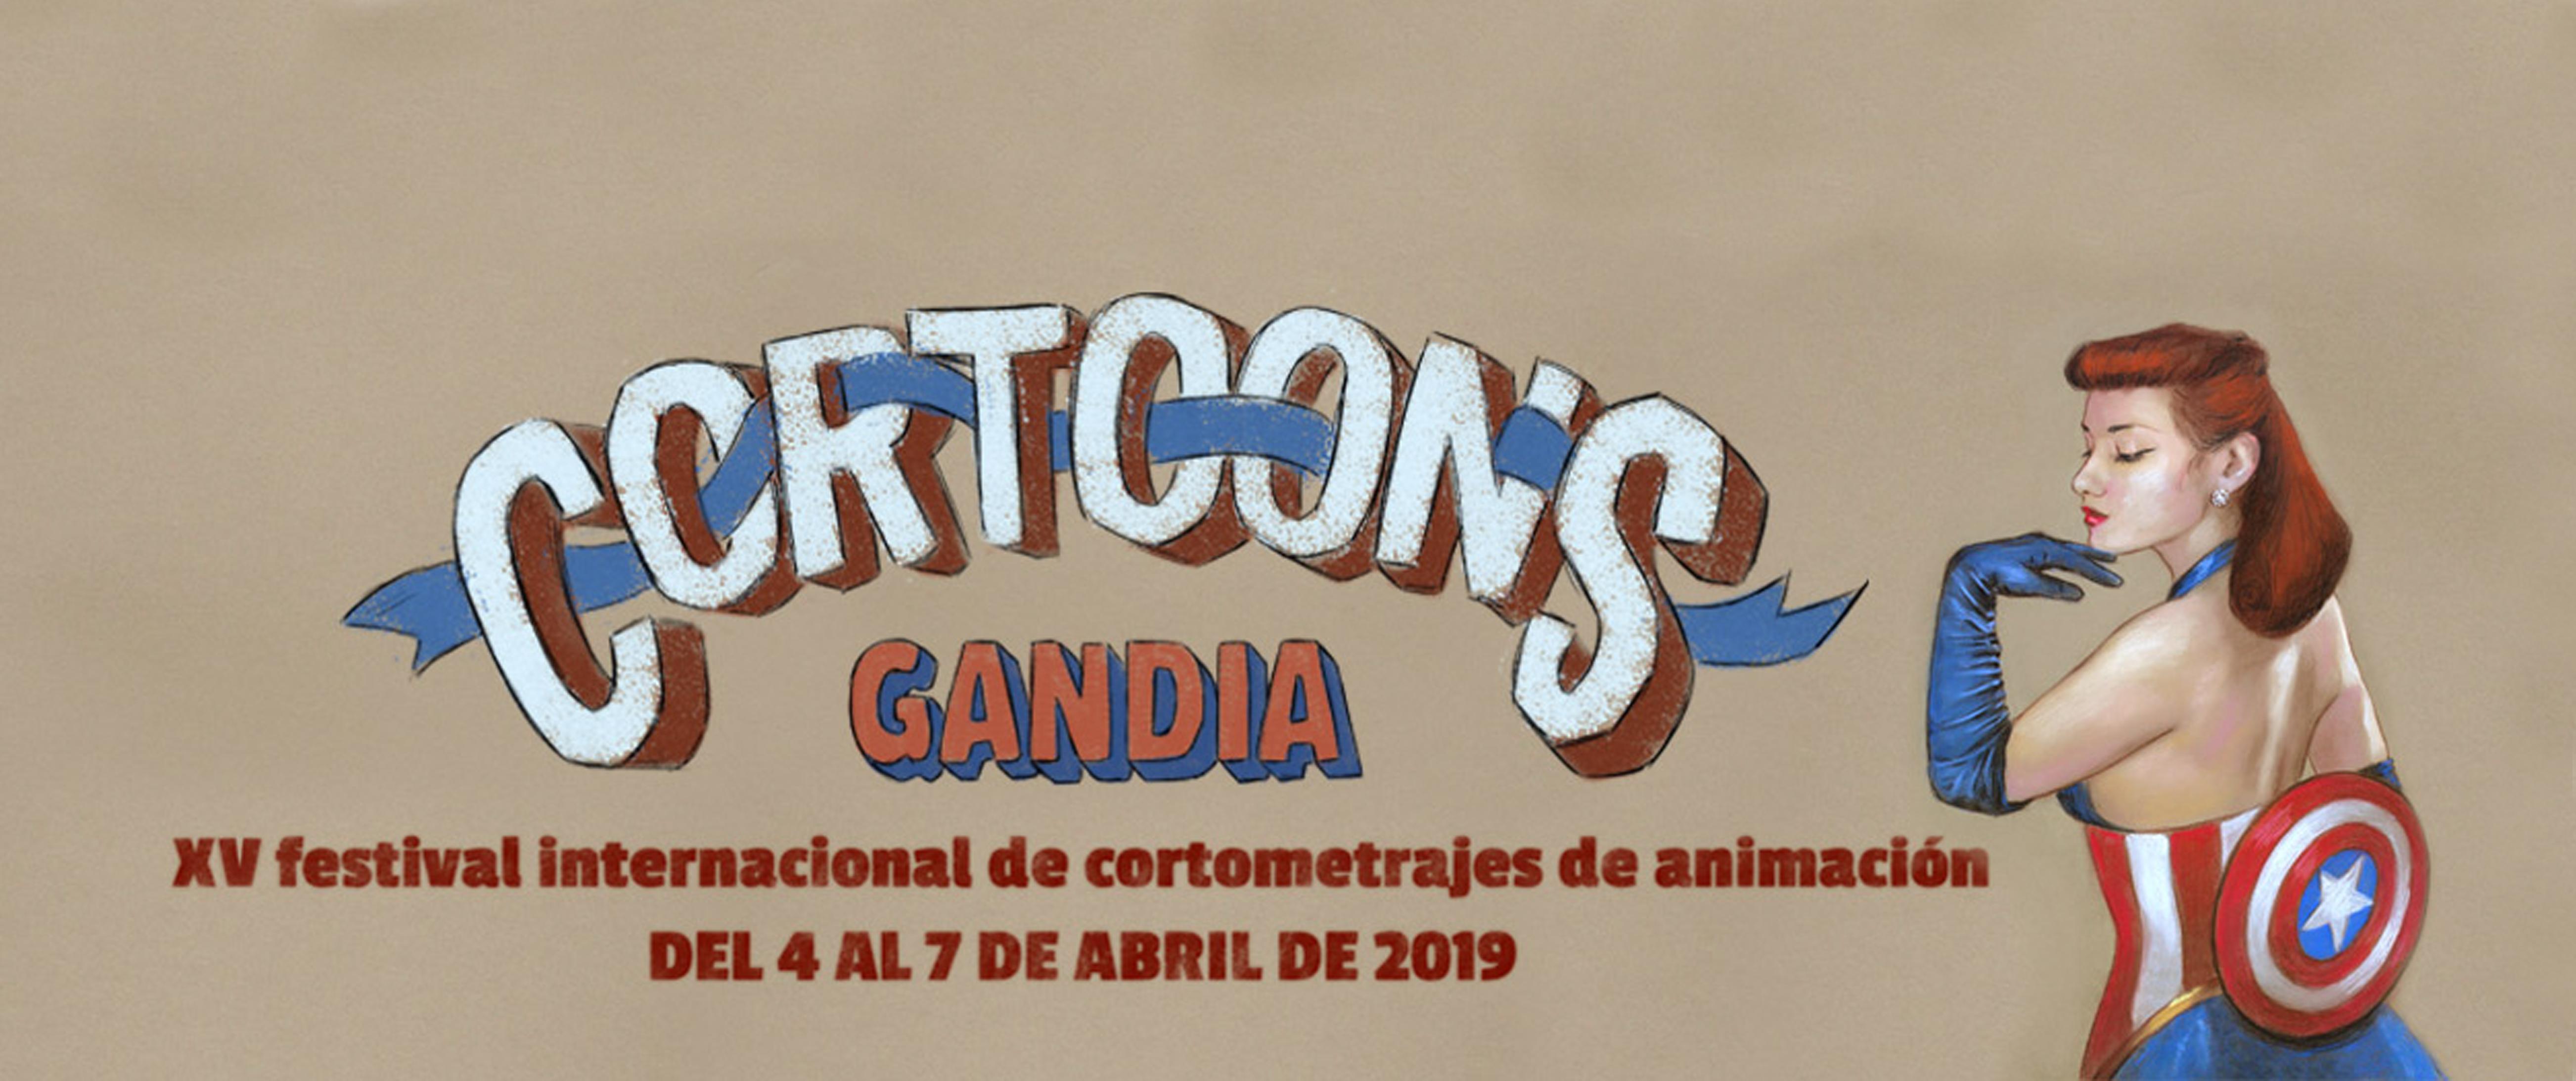 Avance del Festival Internacional de Cortometrajes de Animación Cortoons